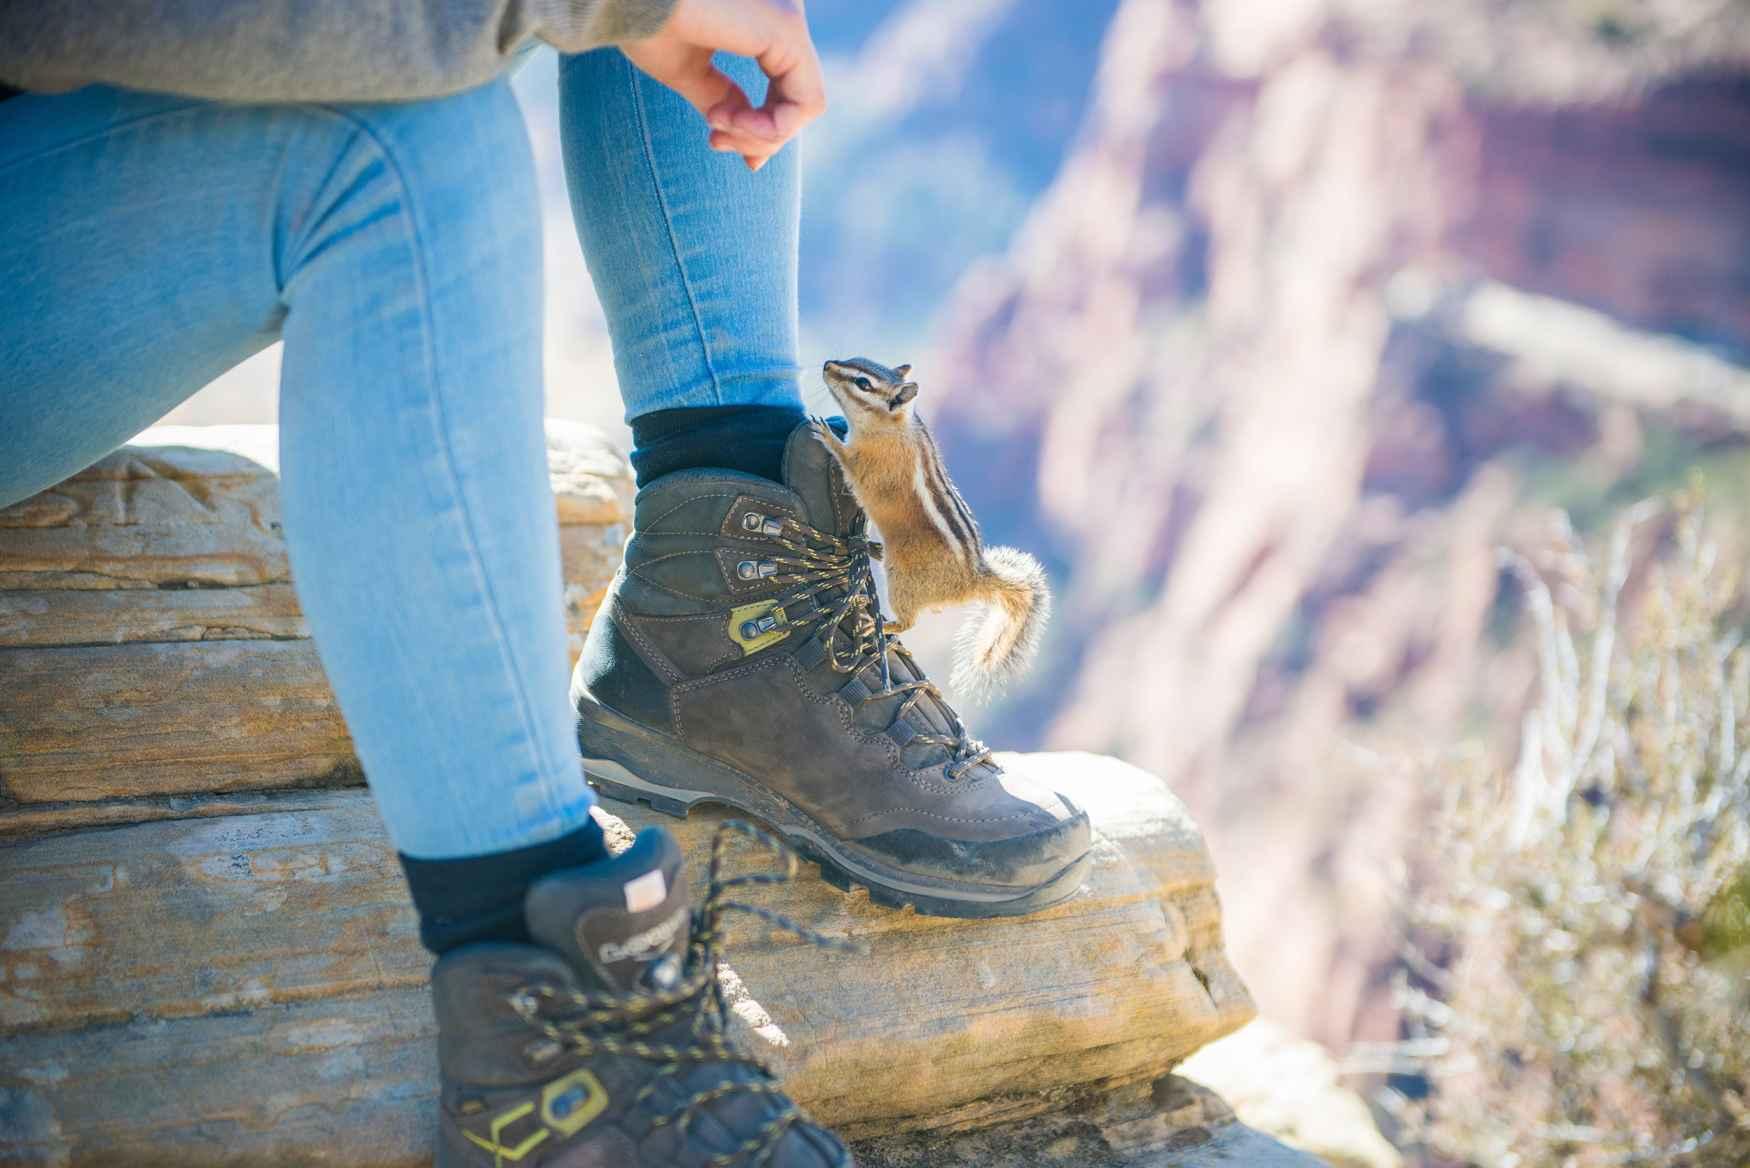 Meer lichtheid in het leven heeft nog nooit iemand pijn gedaan! De LADY LIGHT GTX van LOWA levert daar een belangrijke bijdrage aan. De technisch volwassen en aanpasbare damestrekkingschoen van slijtvast nubuckleren bovenmateriaal is ook nog eens behoorlijk chic. De waterdichte en ademende GORE-TEX voering zorgt voor een optimaal klimaat in de schoen en de VIBRAM® TRAC-LITE II-zool voor plezier op verschillende oppervlakken. De schoen is zelfs herzoolbaar als dat nodig is. Overigens: De hele schoen is speciaal afgestemd op de vrouwelijke anatomie.